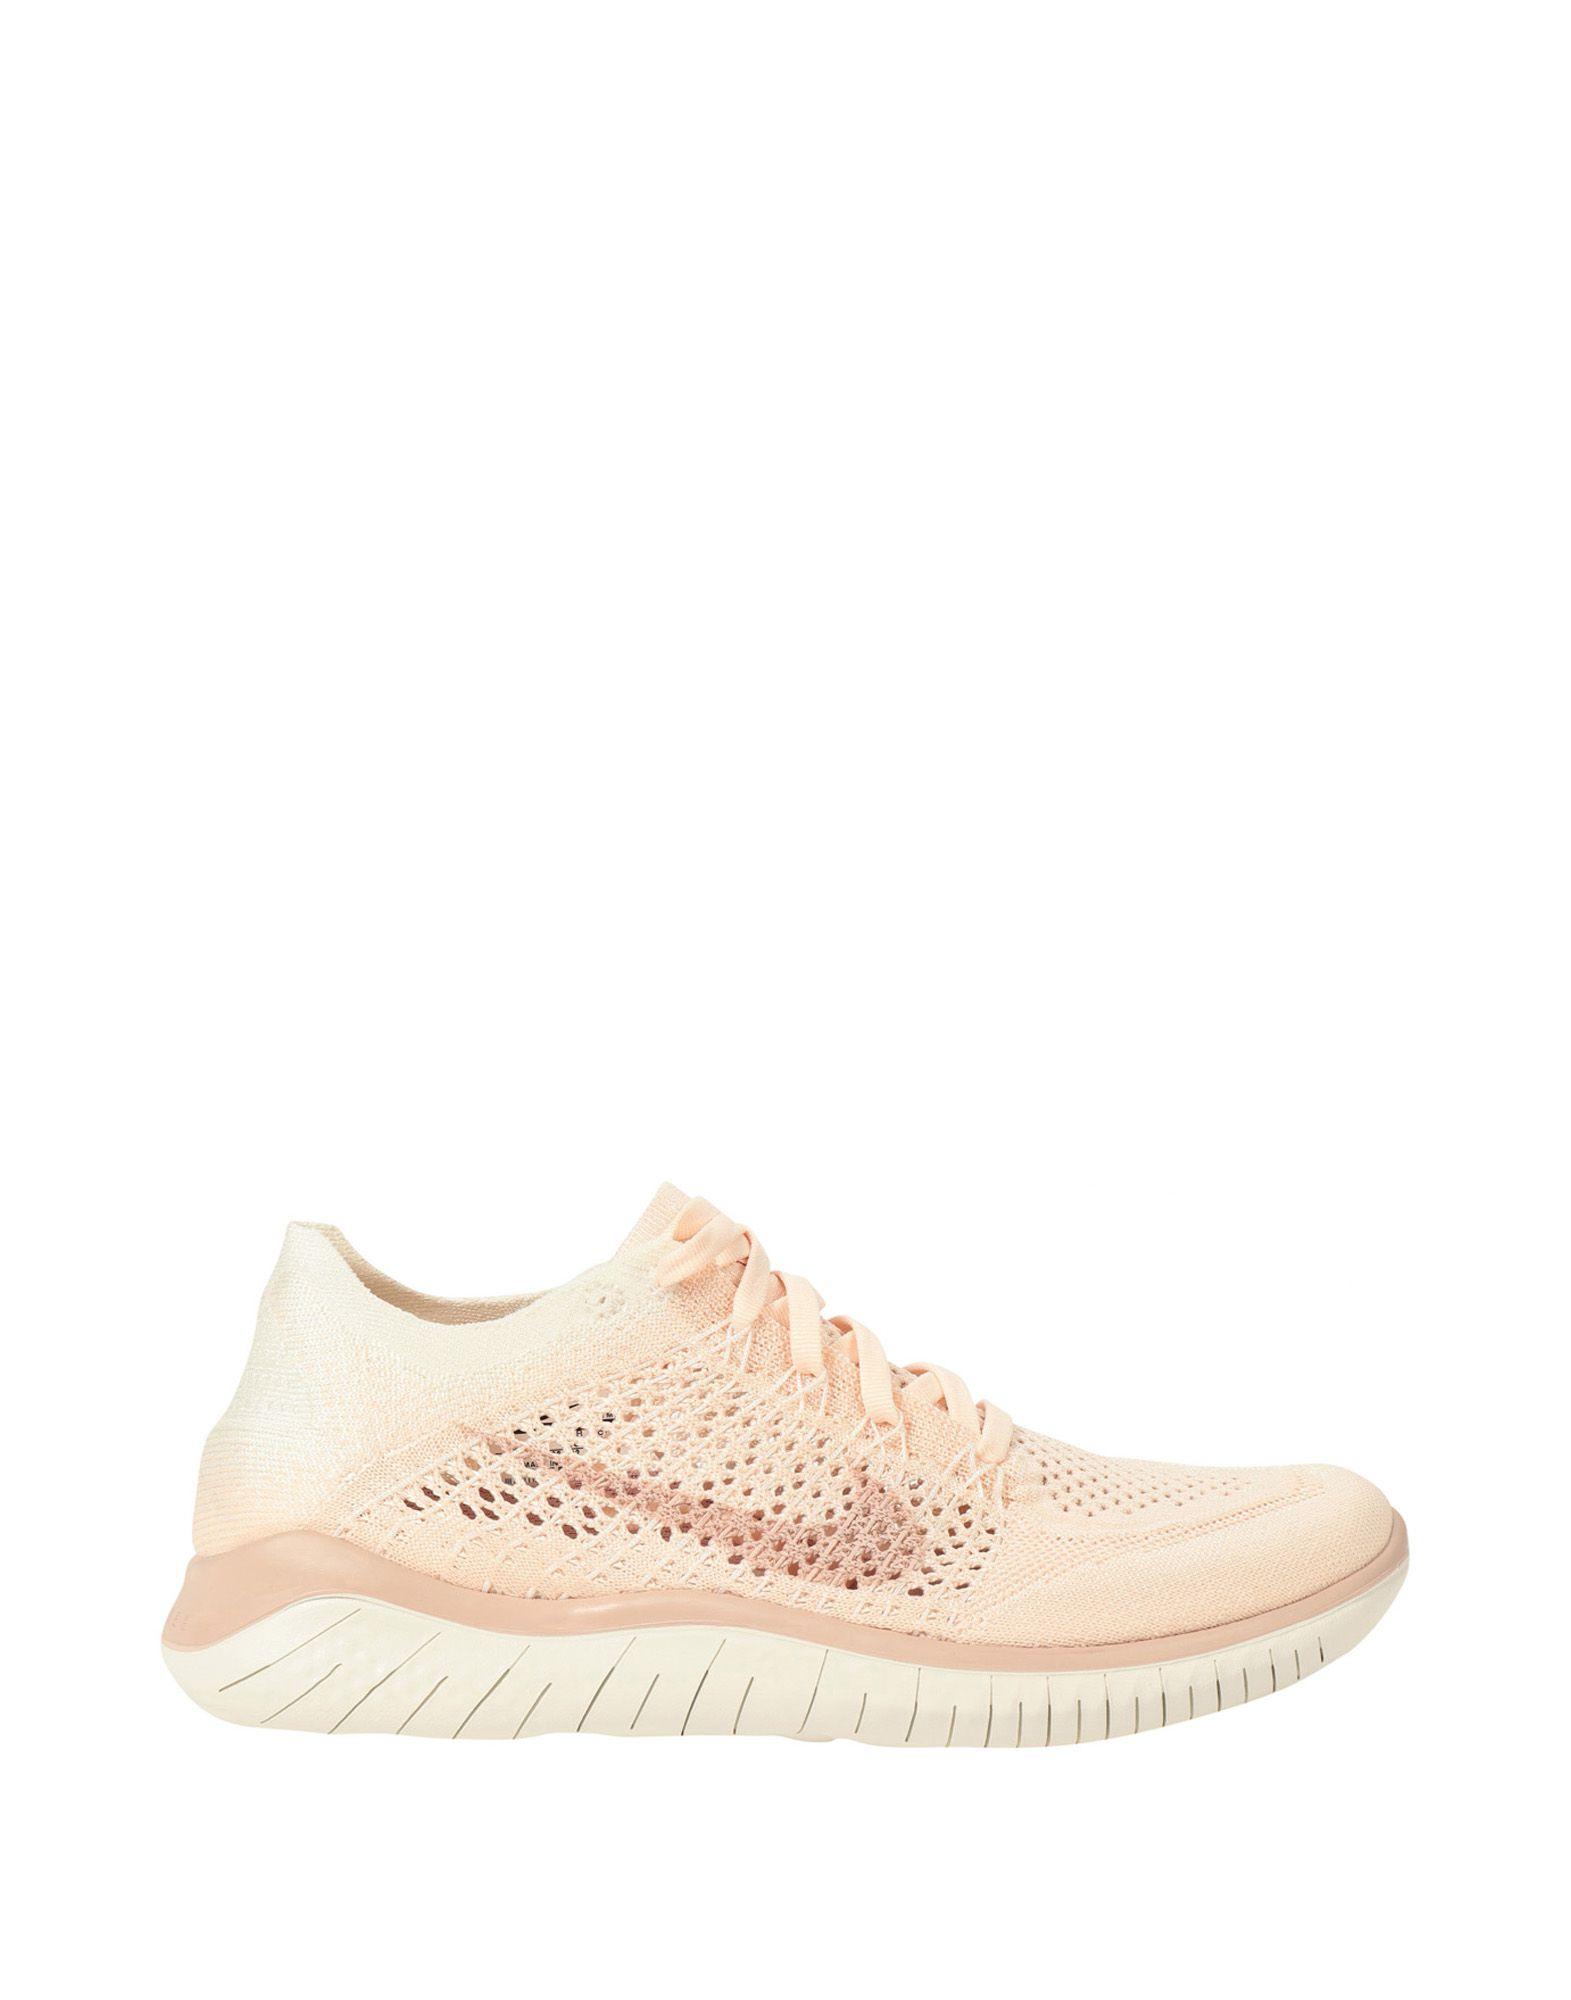 Descuento de la Flyknit marca Zapatillas Nike Free Rn Flyknit la 2018 - Mujer - Zapatillas Nike  Rosa claro bf227a